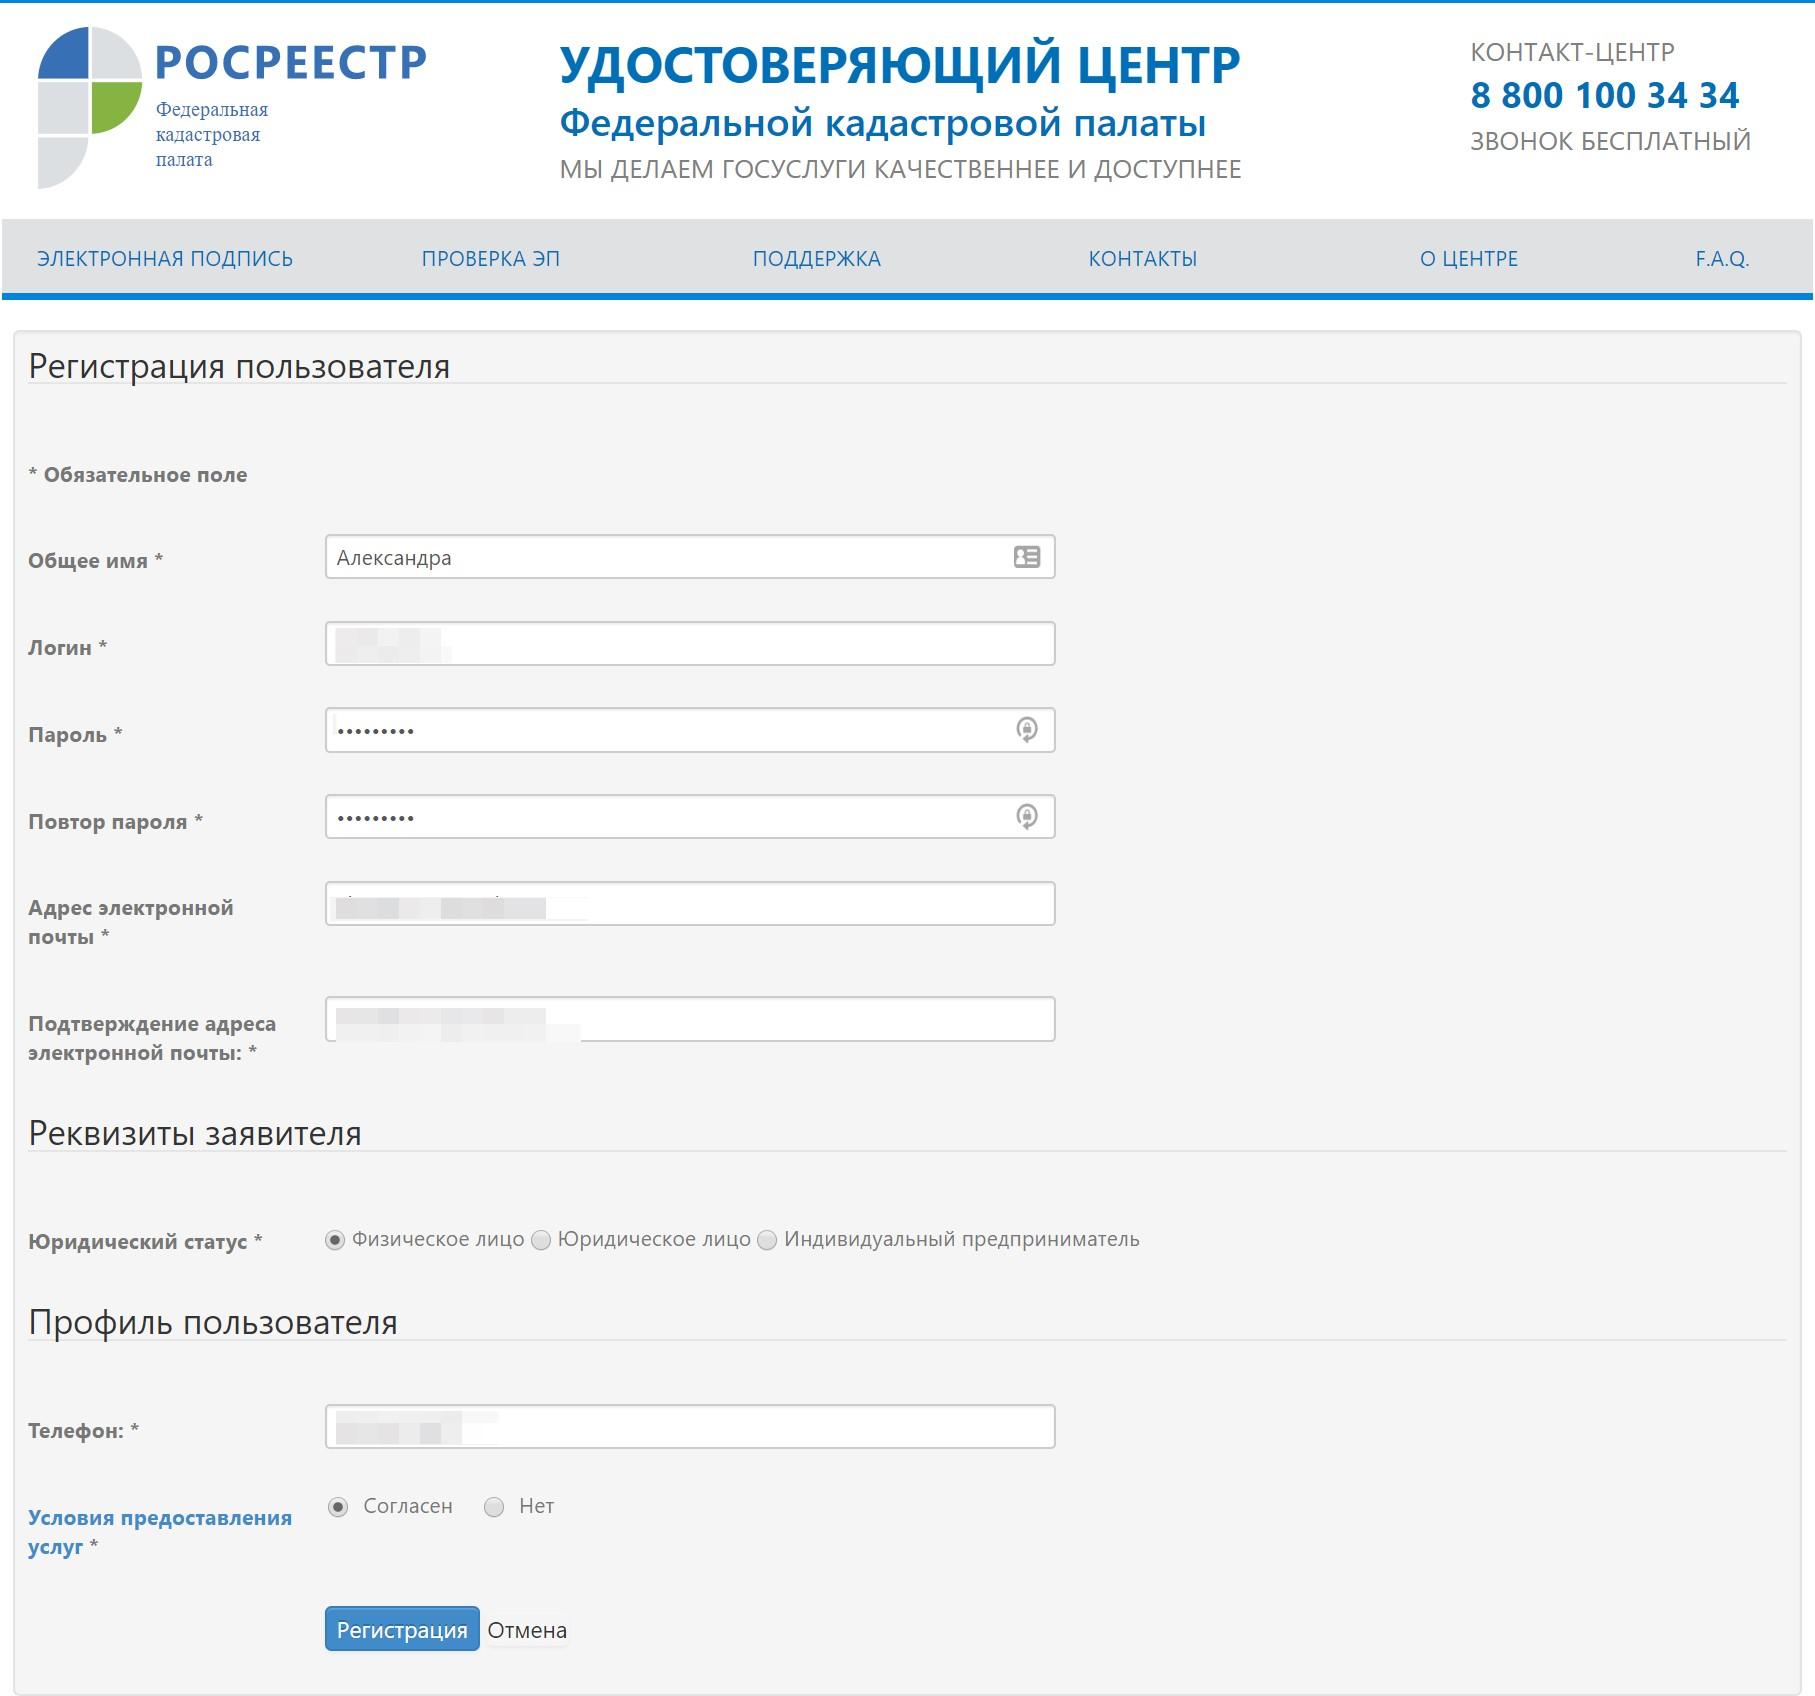 Регистрация в федеральной кадастровой палате РФ